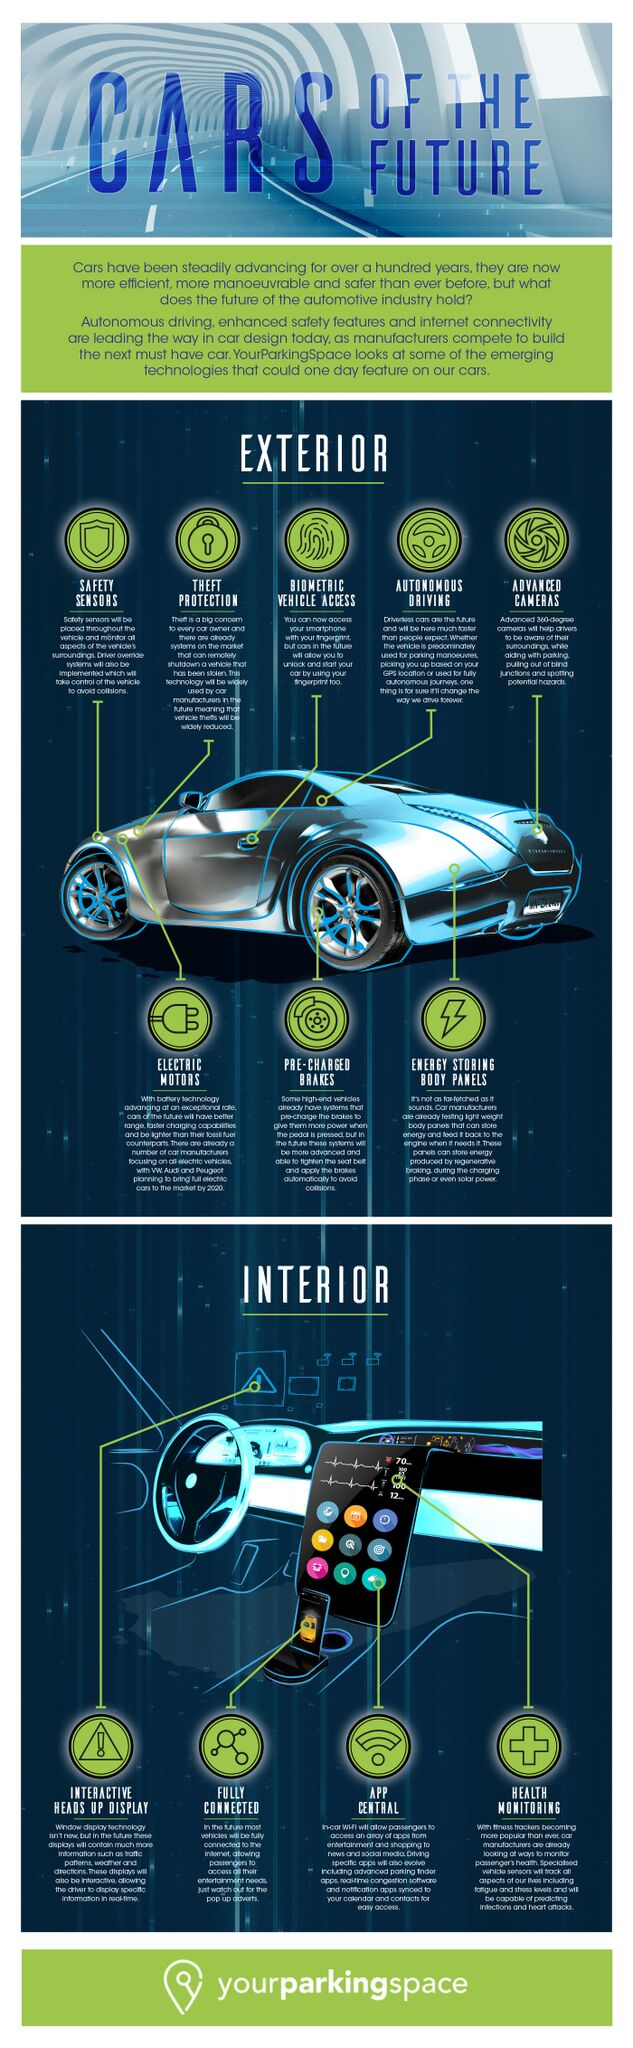 future-car-infographic